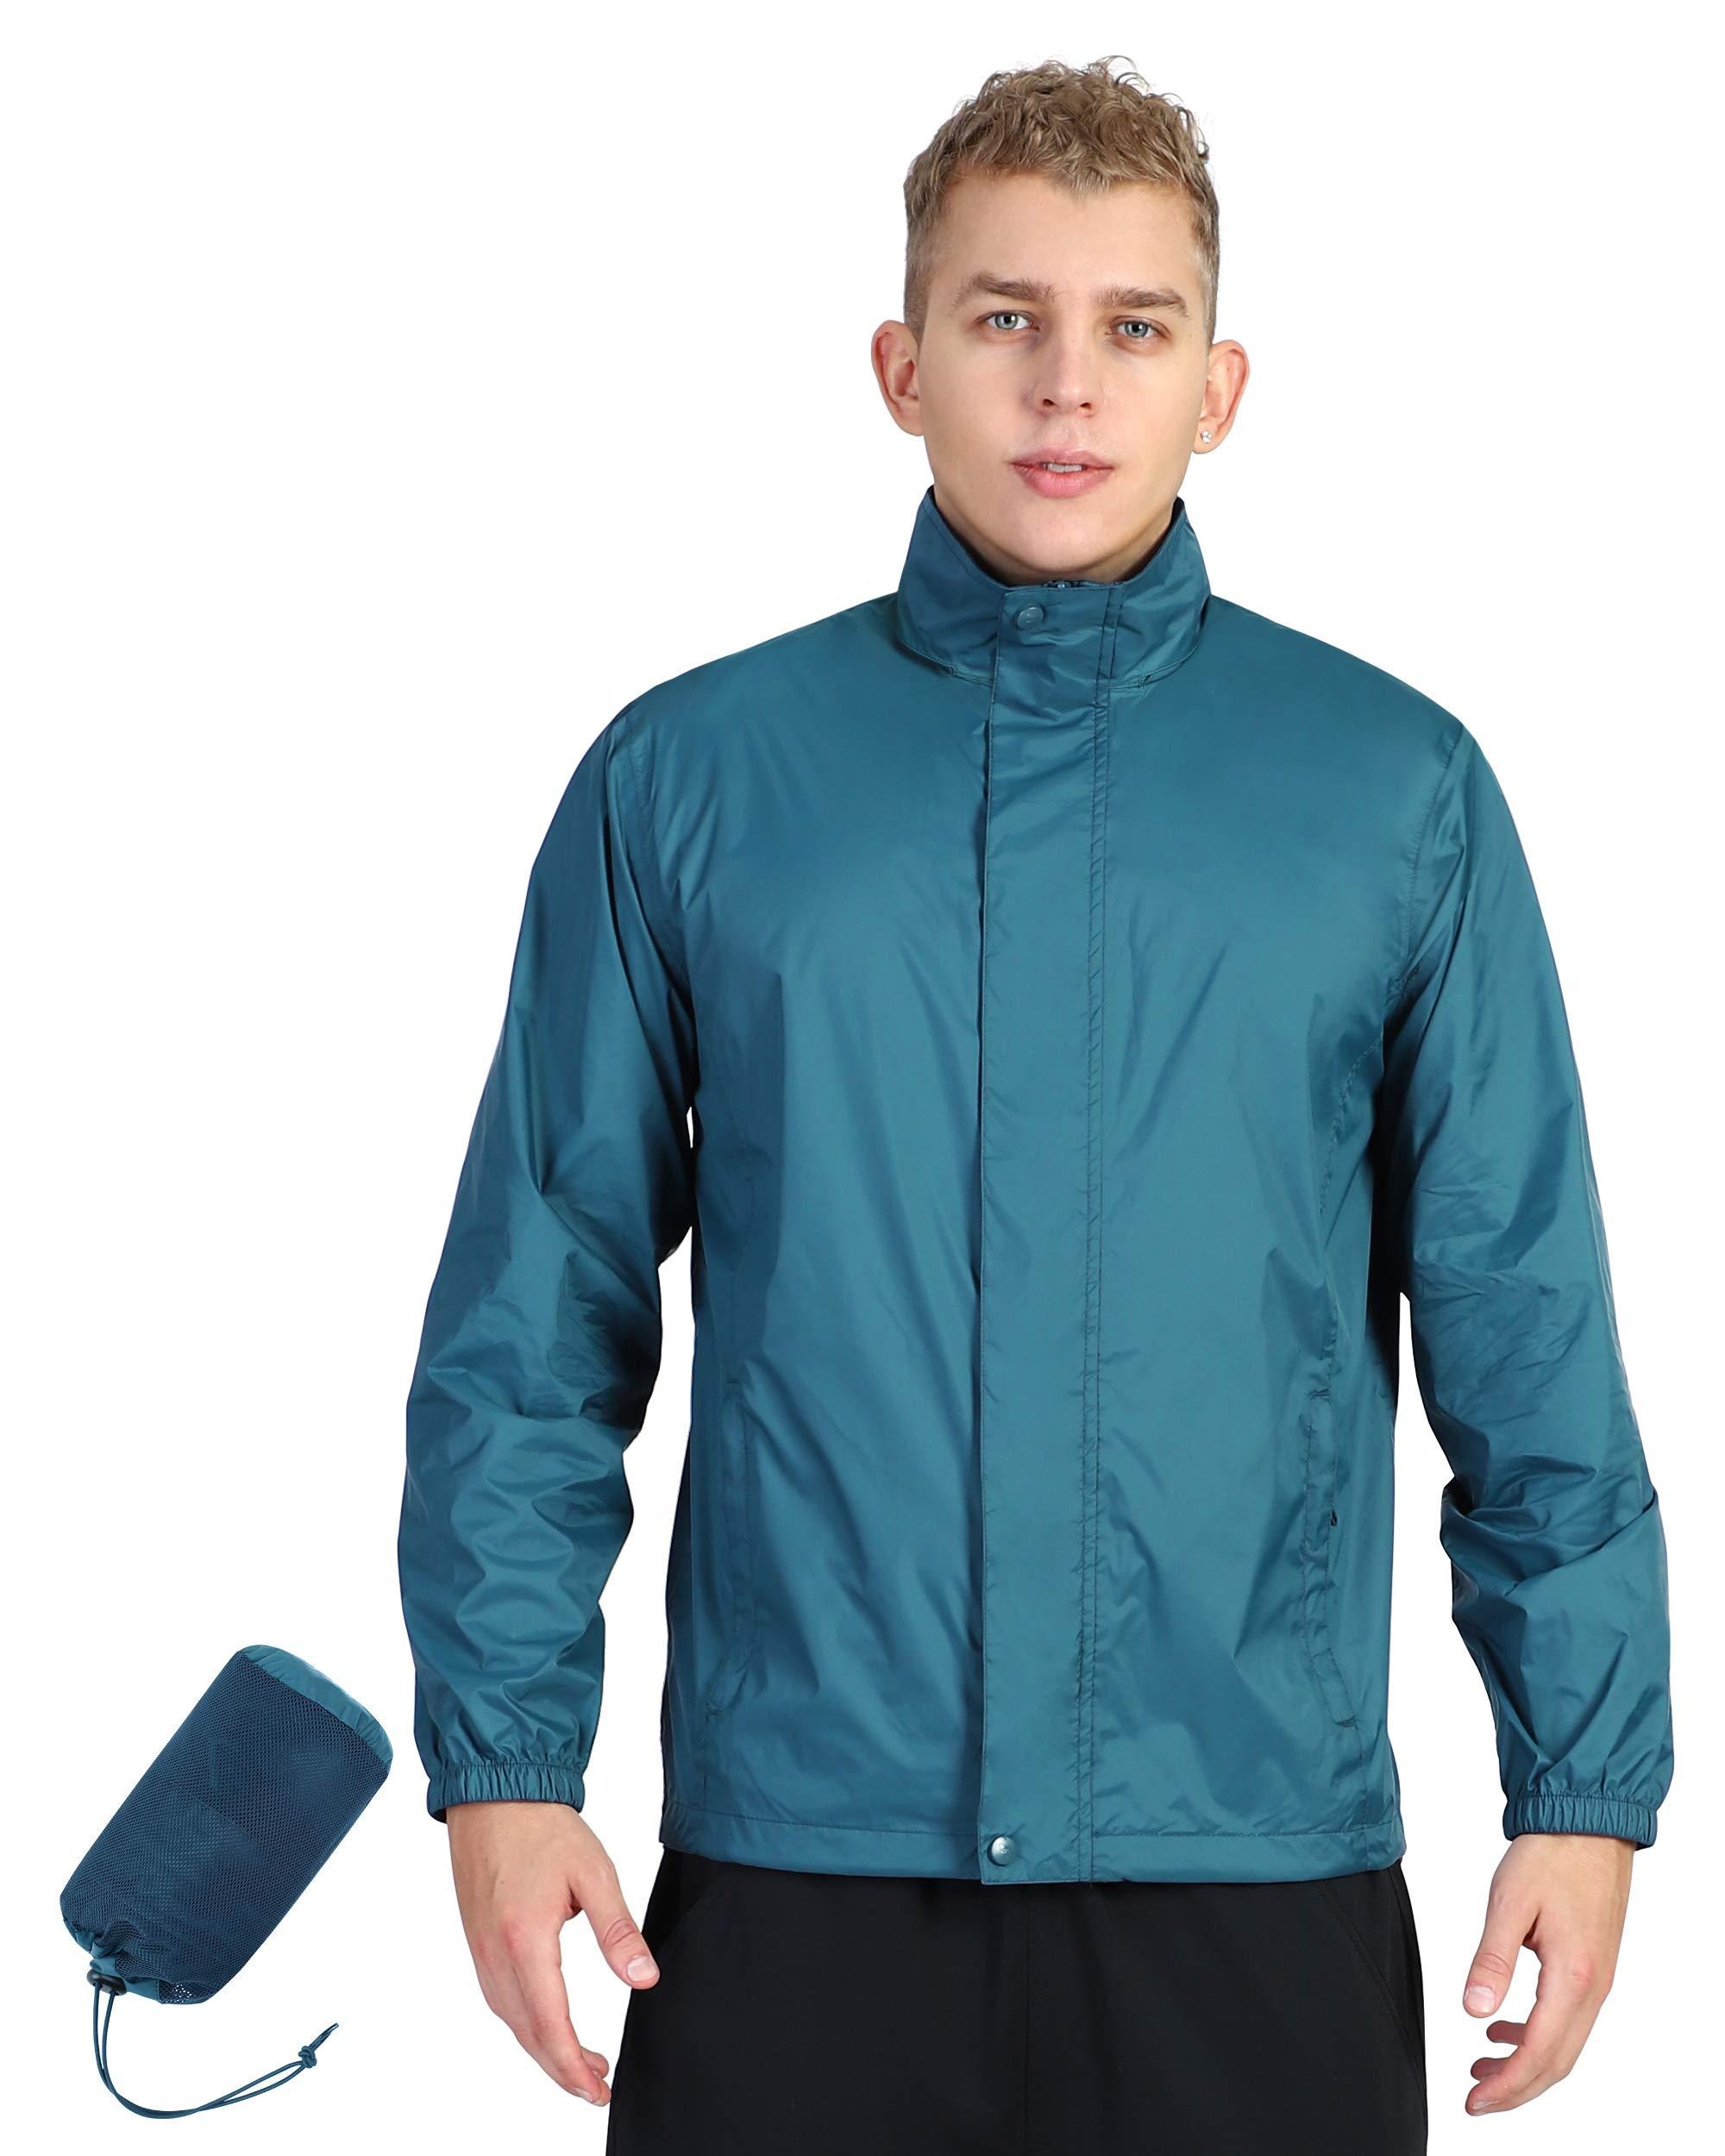 Outdoor Ventures Men's Lightweight Raincoat Packable Rain Jacket Waterproof Raincoat with Hood Active Outdoor Windbreaker